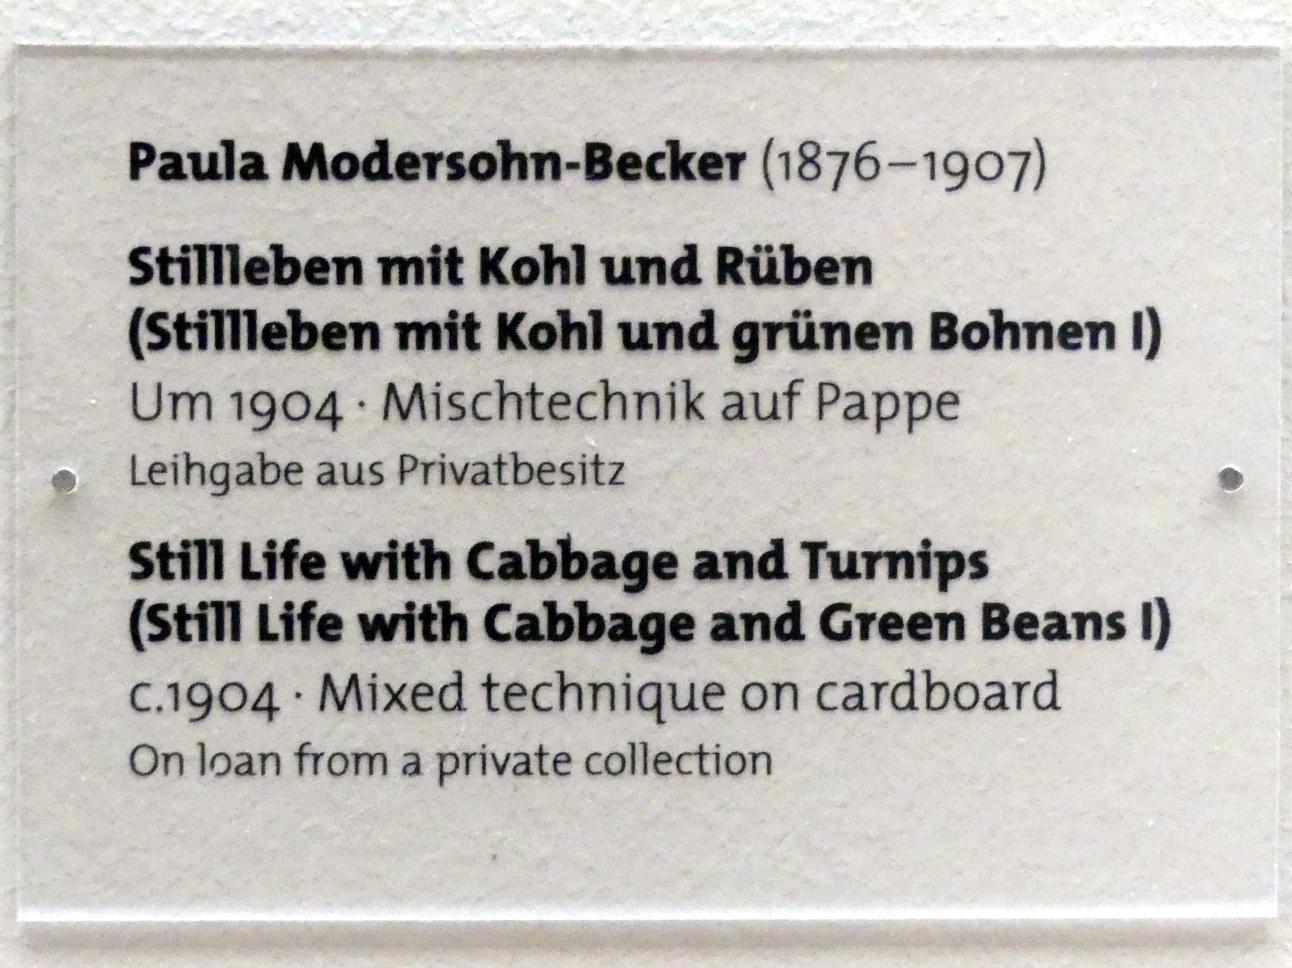 Paula Modersohn-Becker: Stillleben mit Kohl und Rüben (Stillleben mit Kohl und grünen Bohnen I), um 1904, Bild 2/2